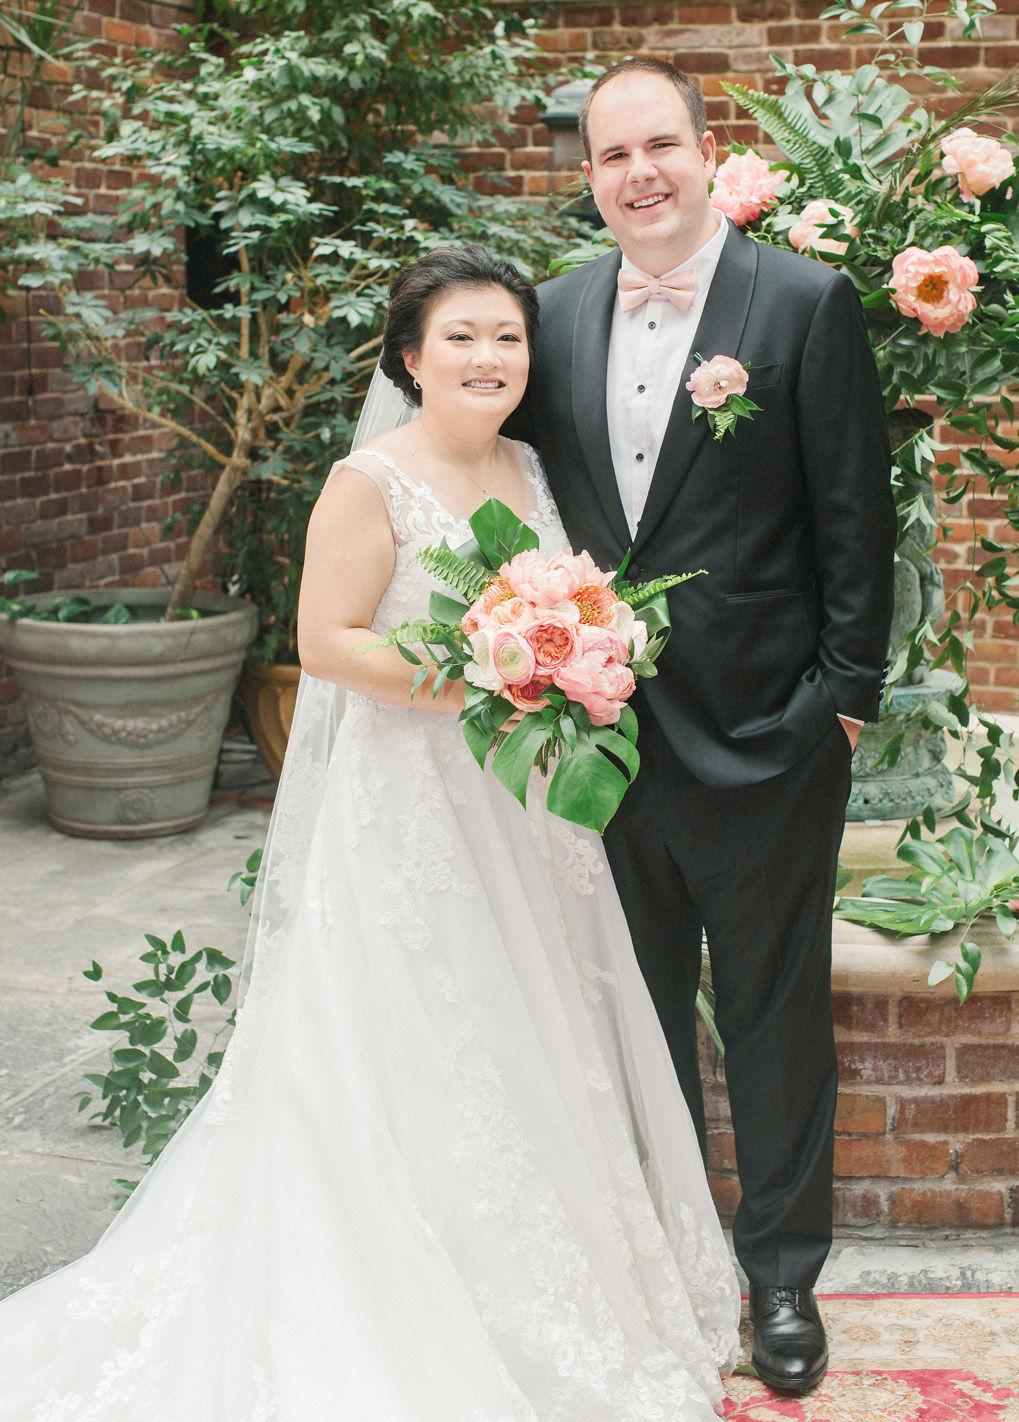 Chris and his wife, Sharyne